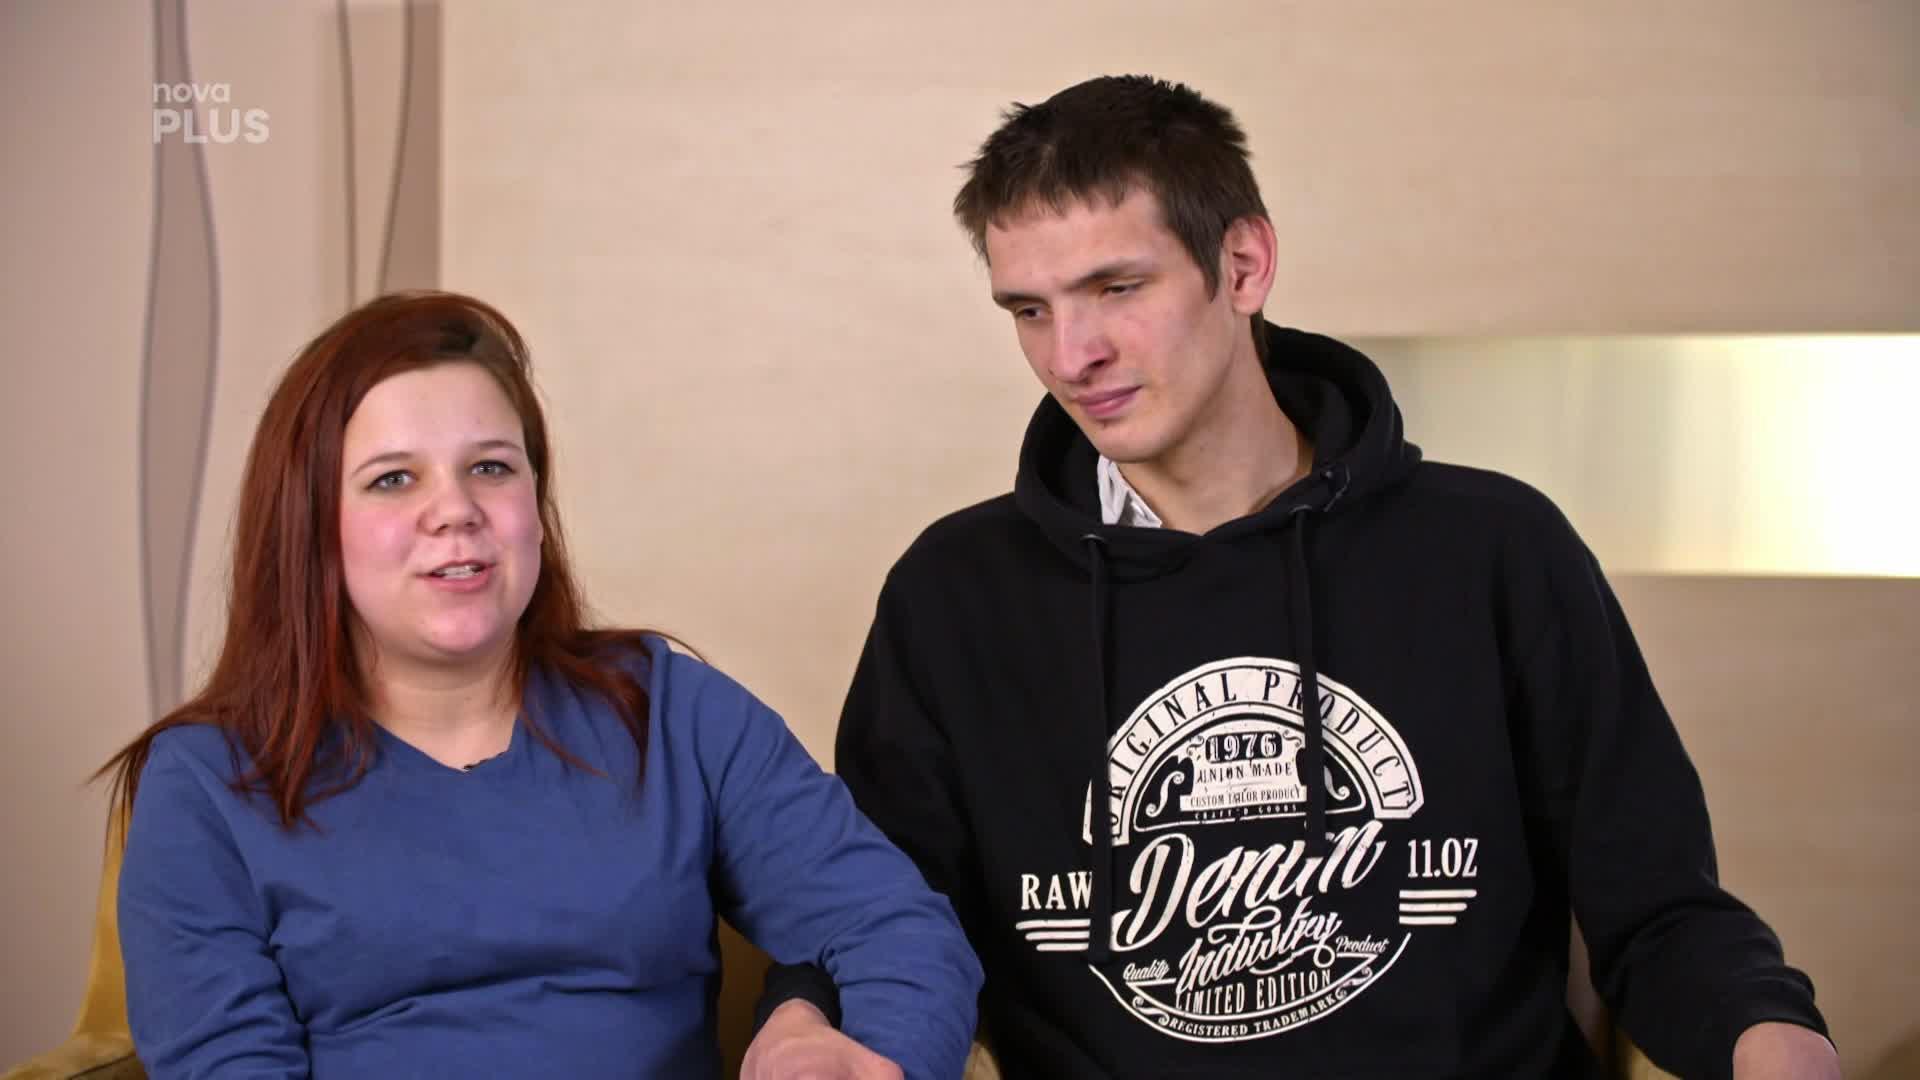 Kristýna prožívala těžké dětství. Důležitá osoba ji navždy opustila!